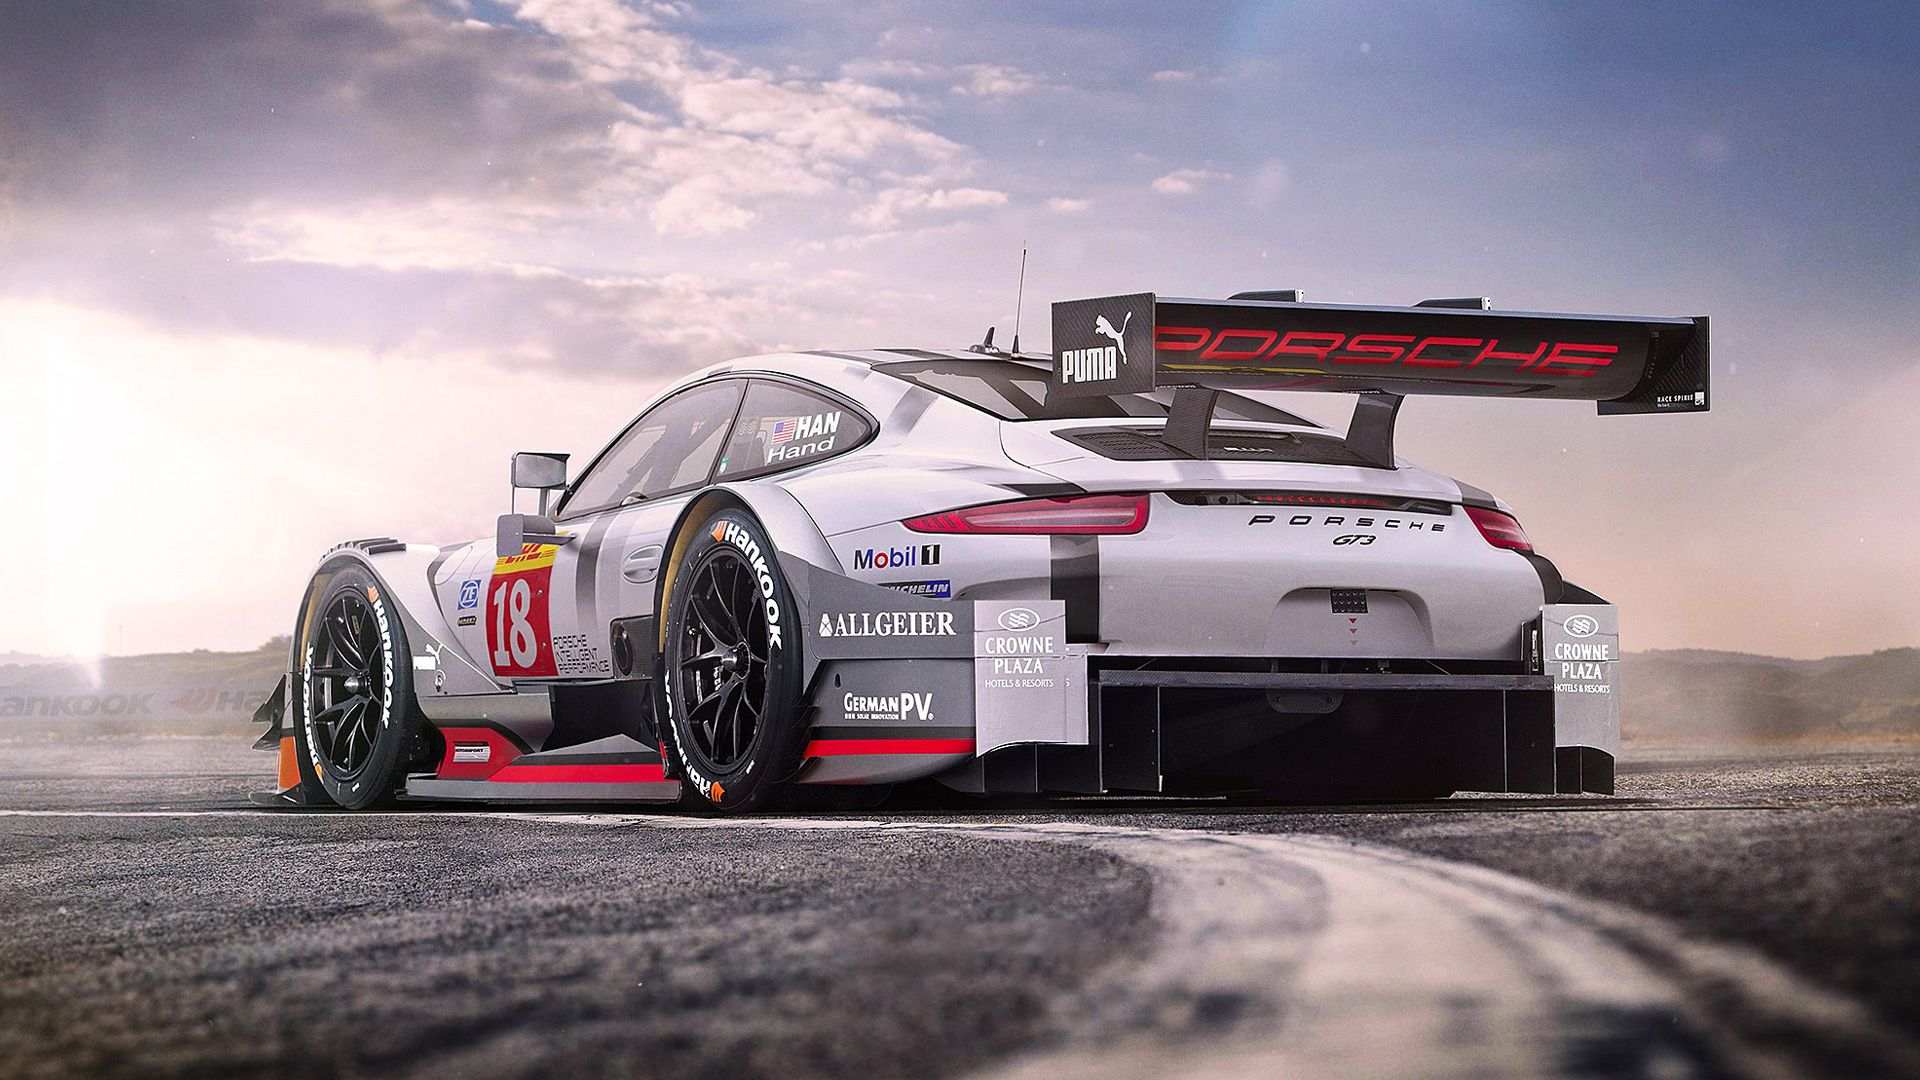 Porsche Racing Wallpapers   Top Porsche Racing Backgrounds 1920x1080